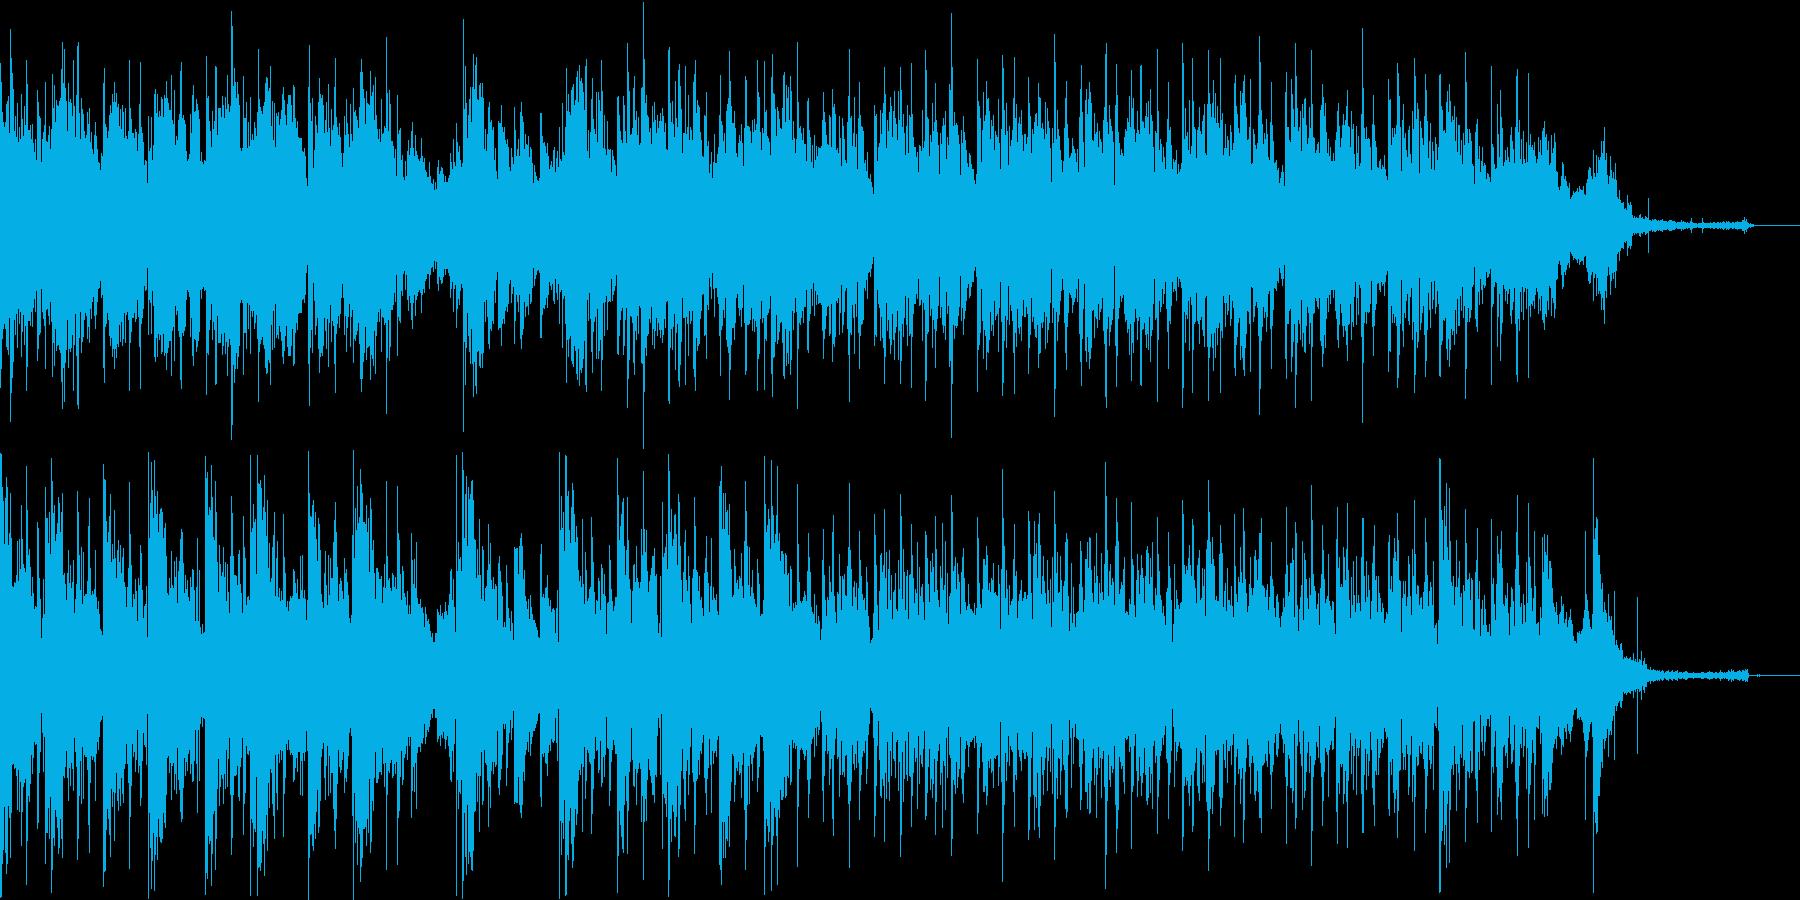 近未来的で機械的、冷静でクールなビートの再生済みの波形